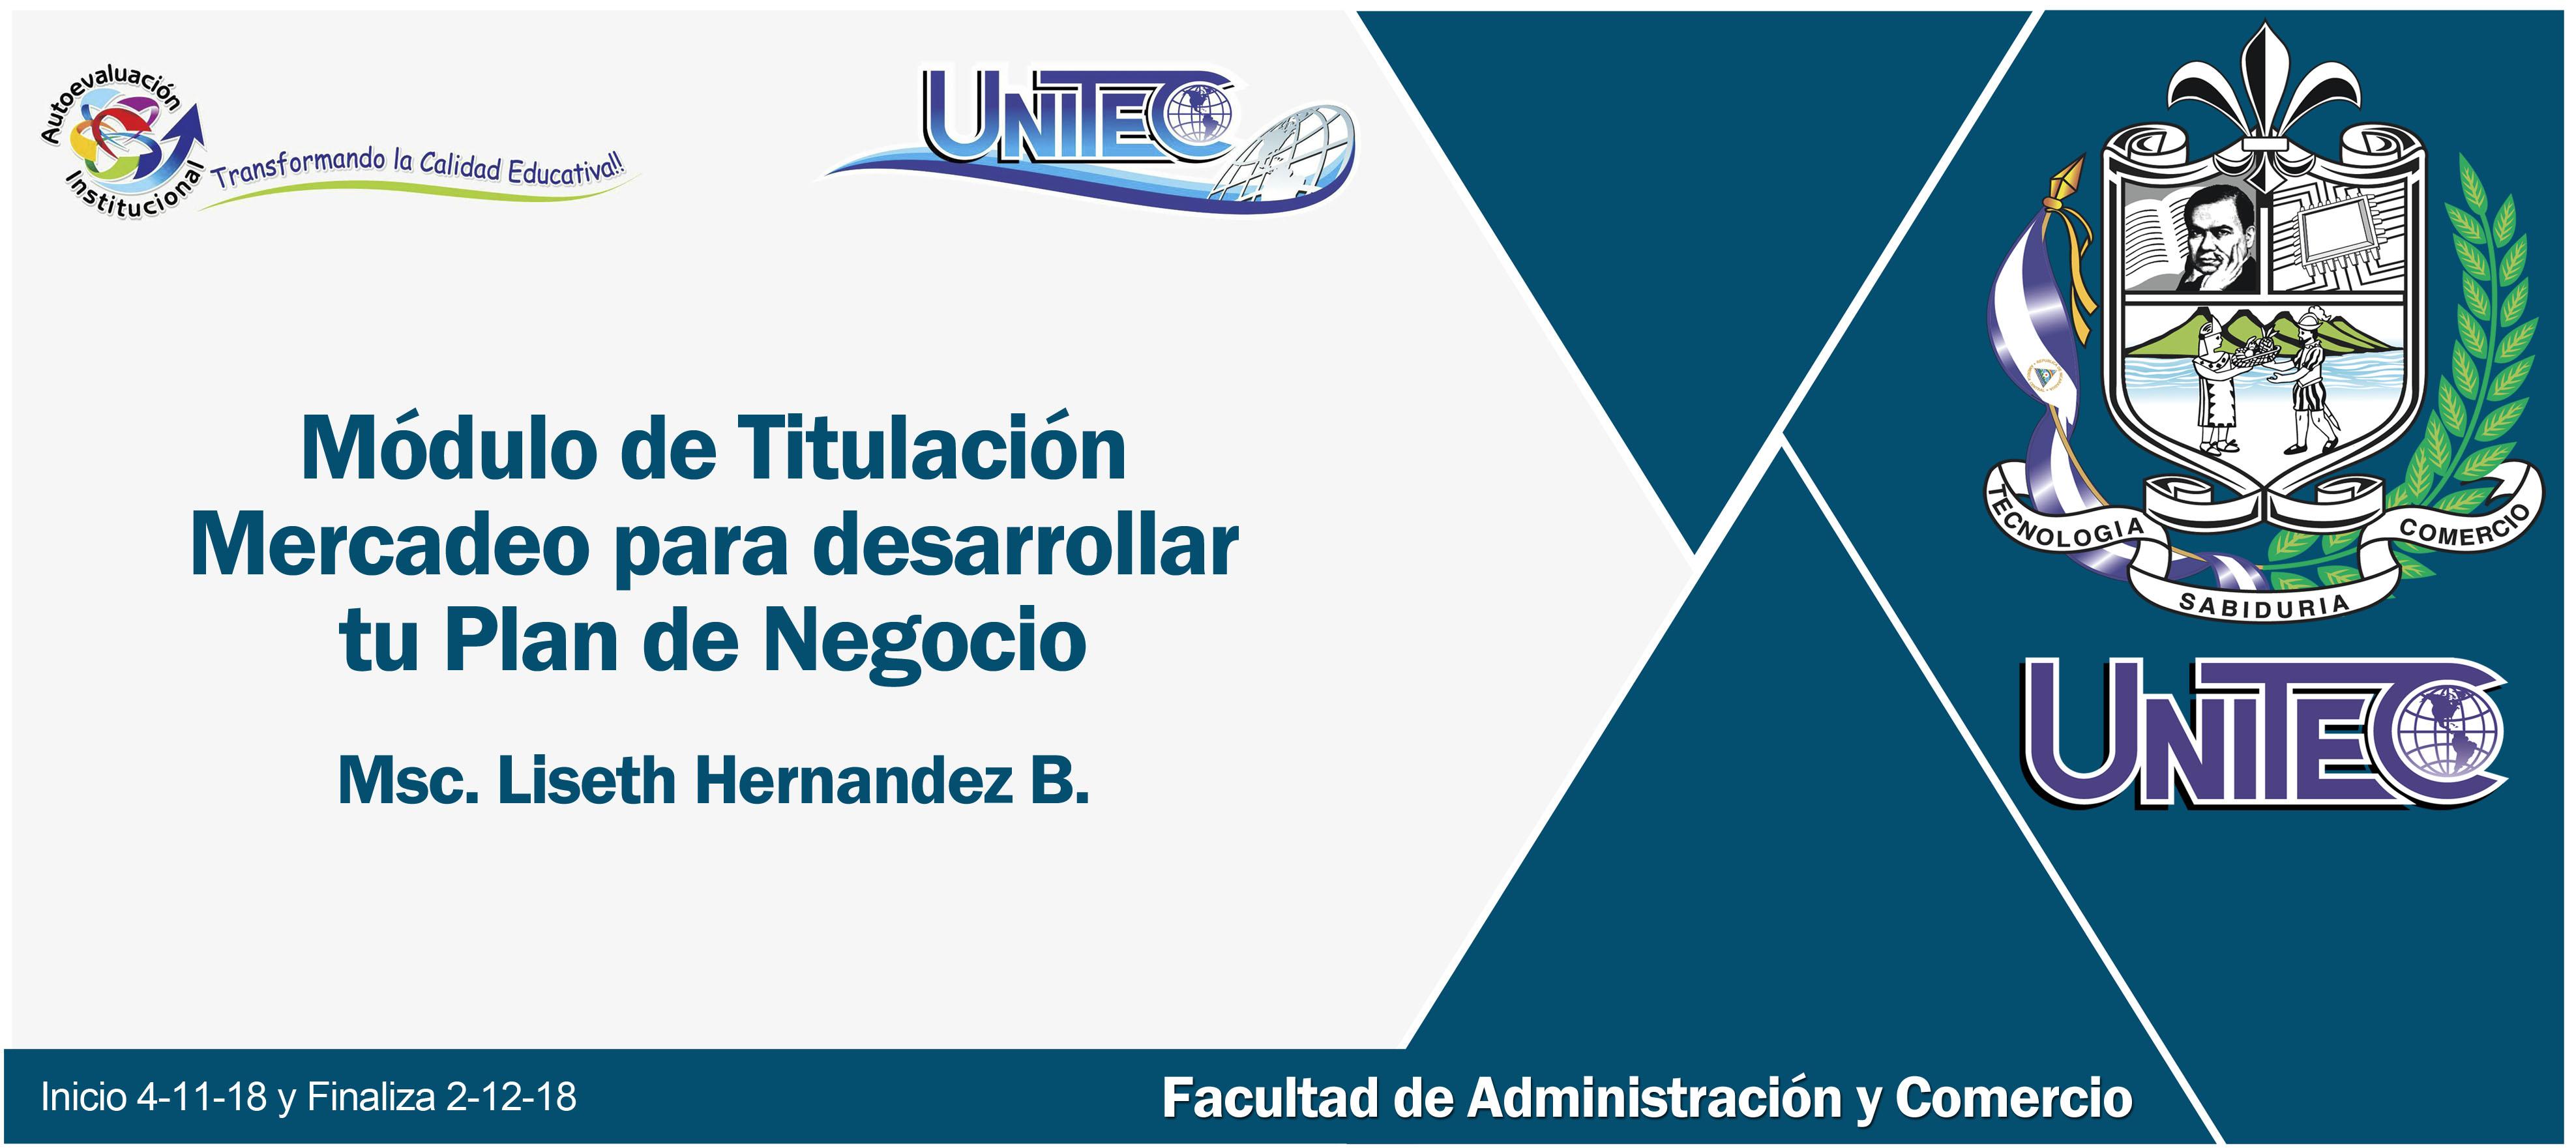 Mercadeo para el desarrollo de tu Plan de Negocio .:. Titulación FA UNITEC 2018-2019